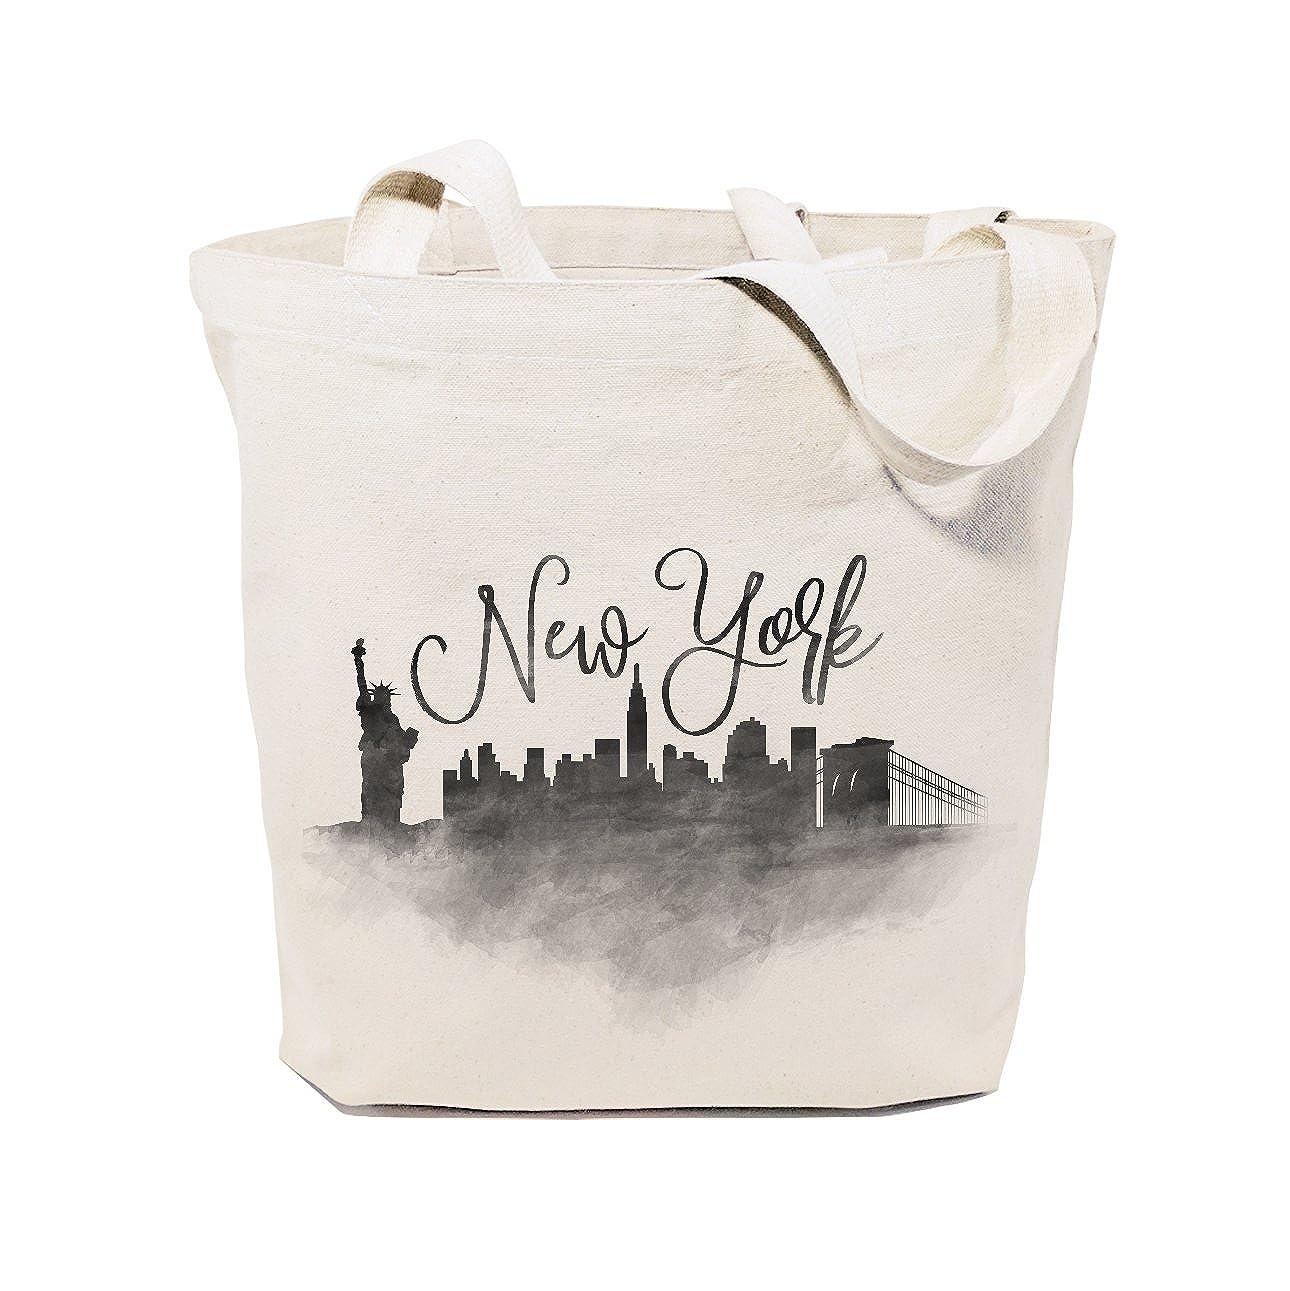 100%安い The Cotton B0768R676F & レディース Canvas Co. レディース Cotton B0768R676F ニューヨーク ニューヨーク, リラワディー:123e3751 --- 4x4.lt